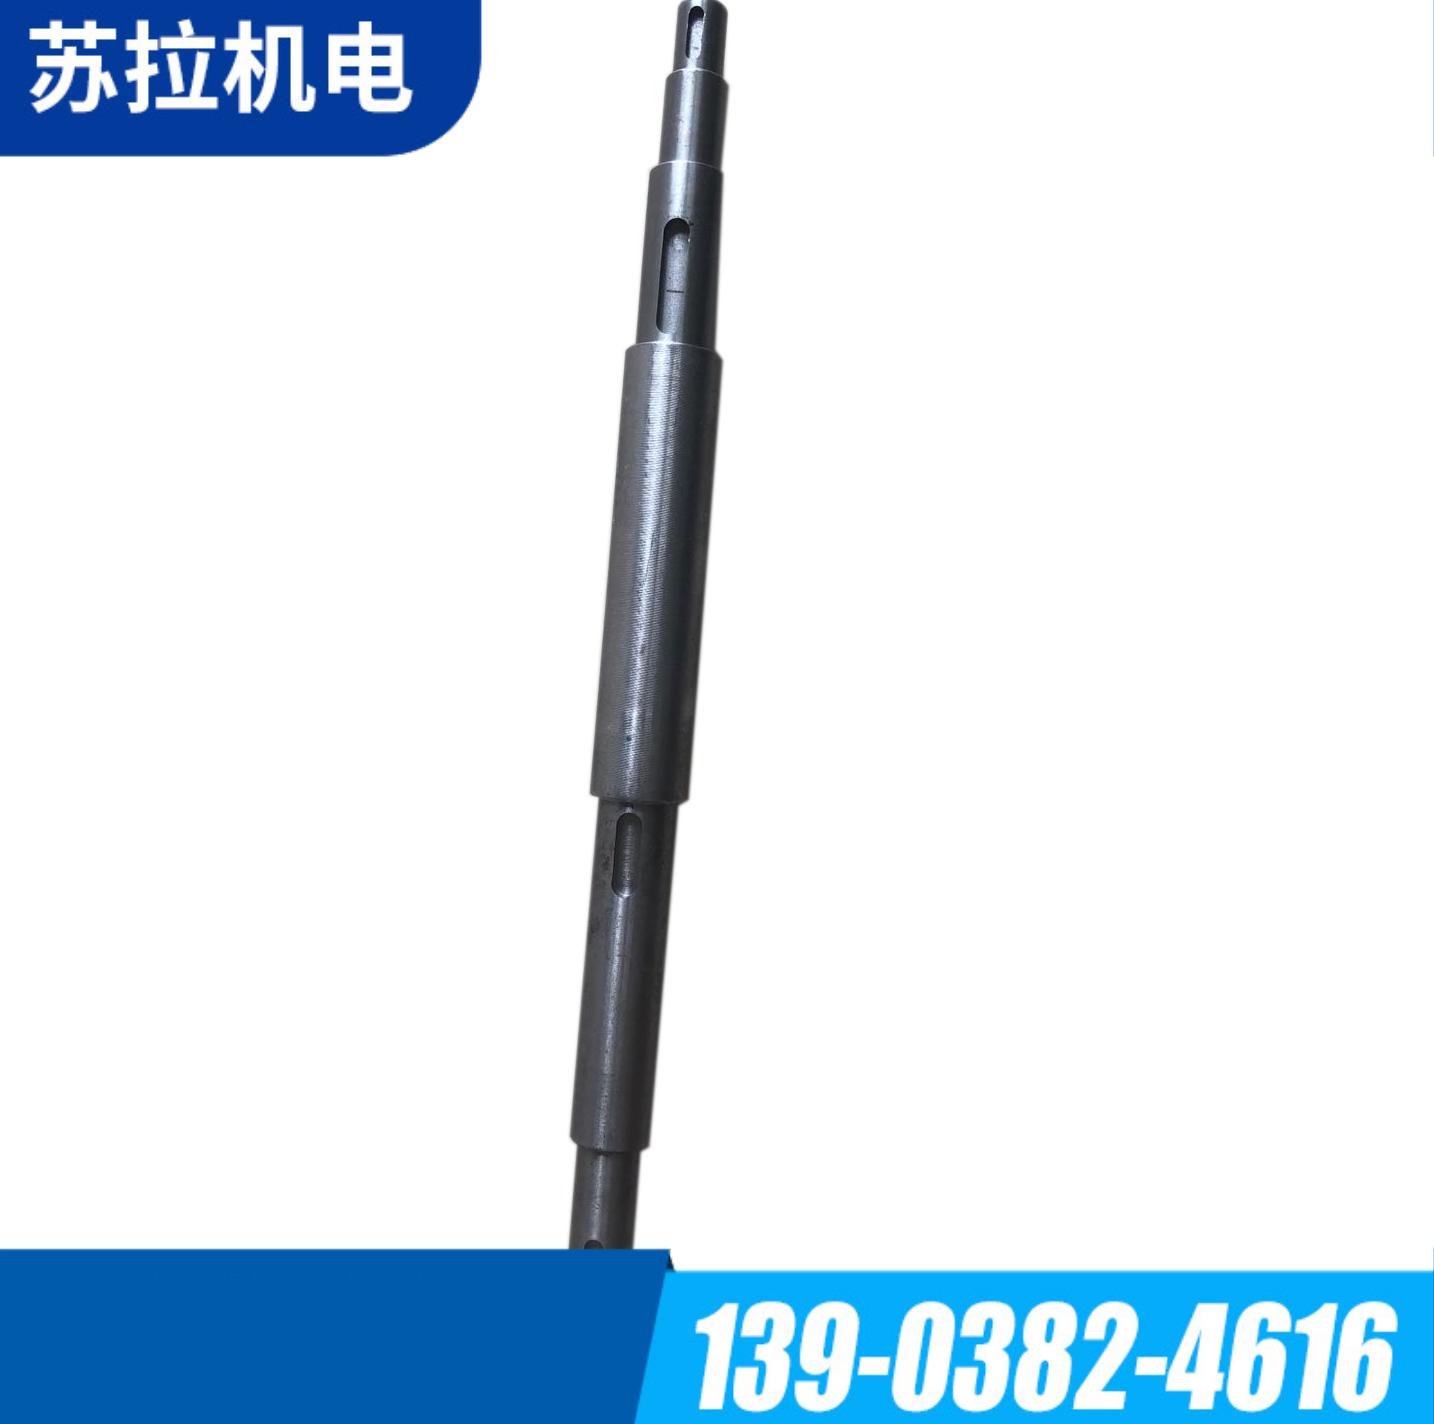 FA203-6207 压辊轴